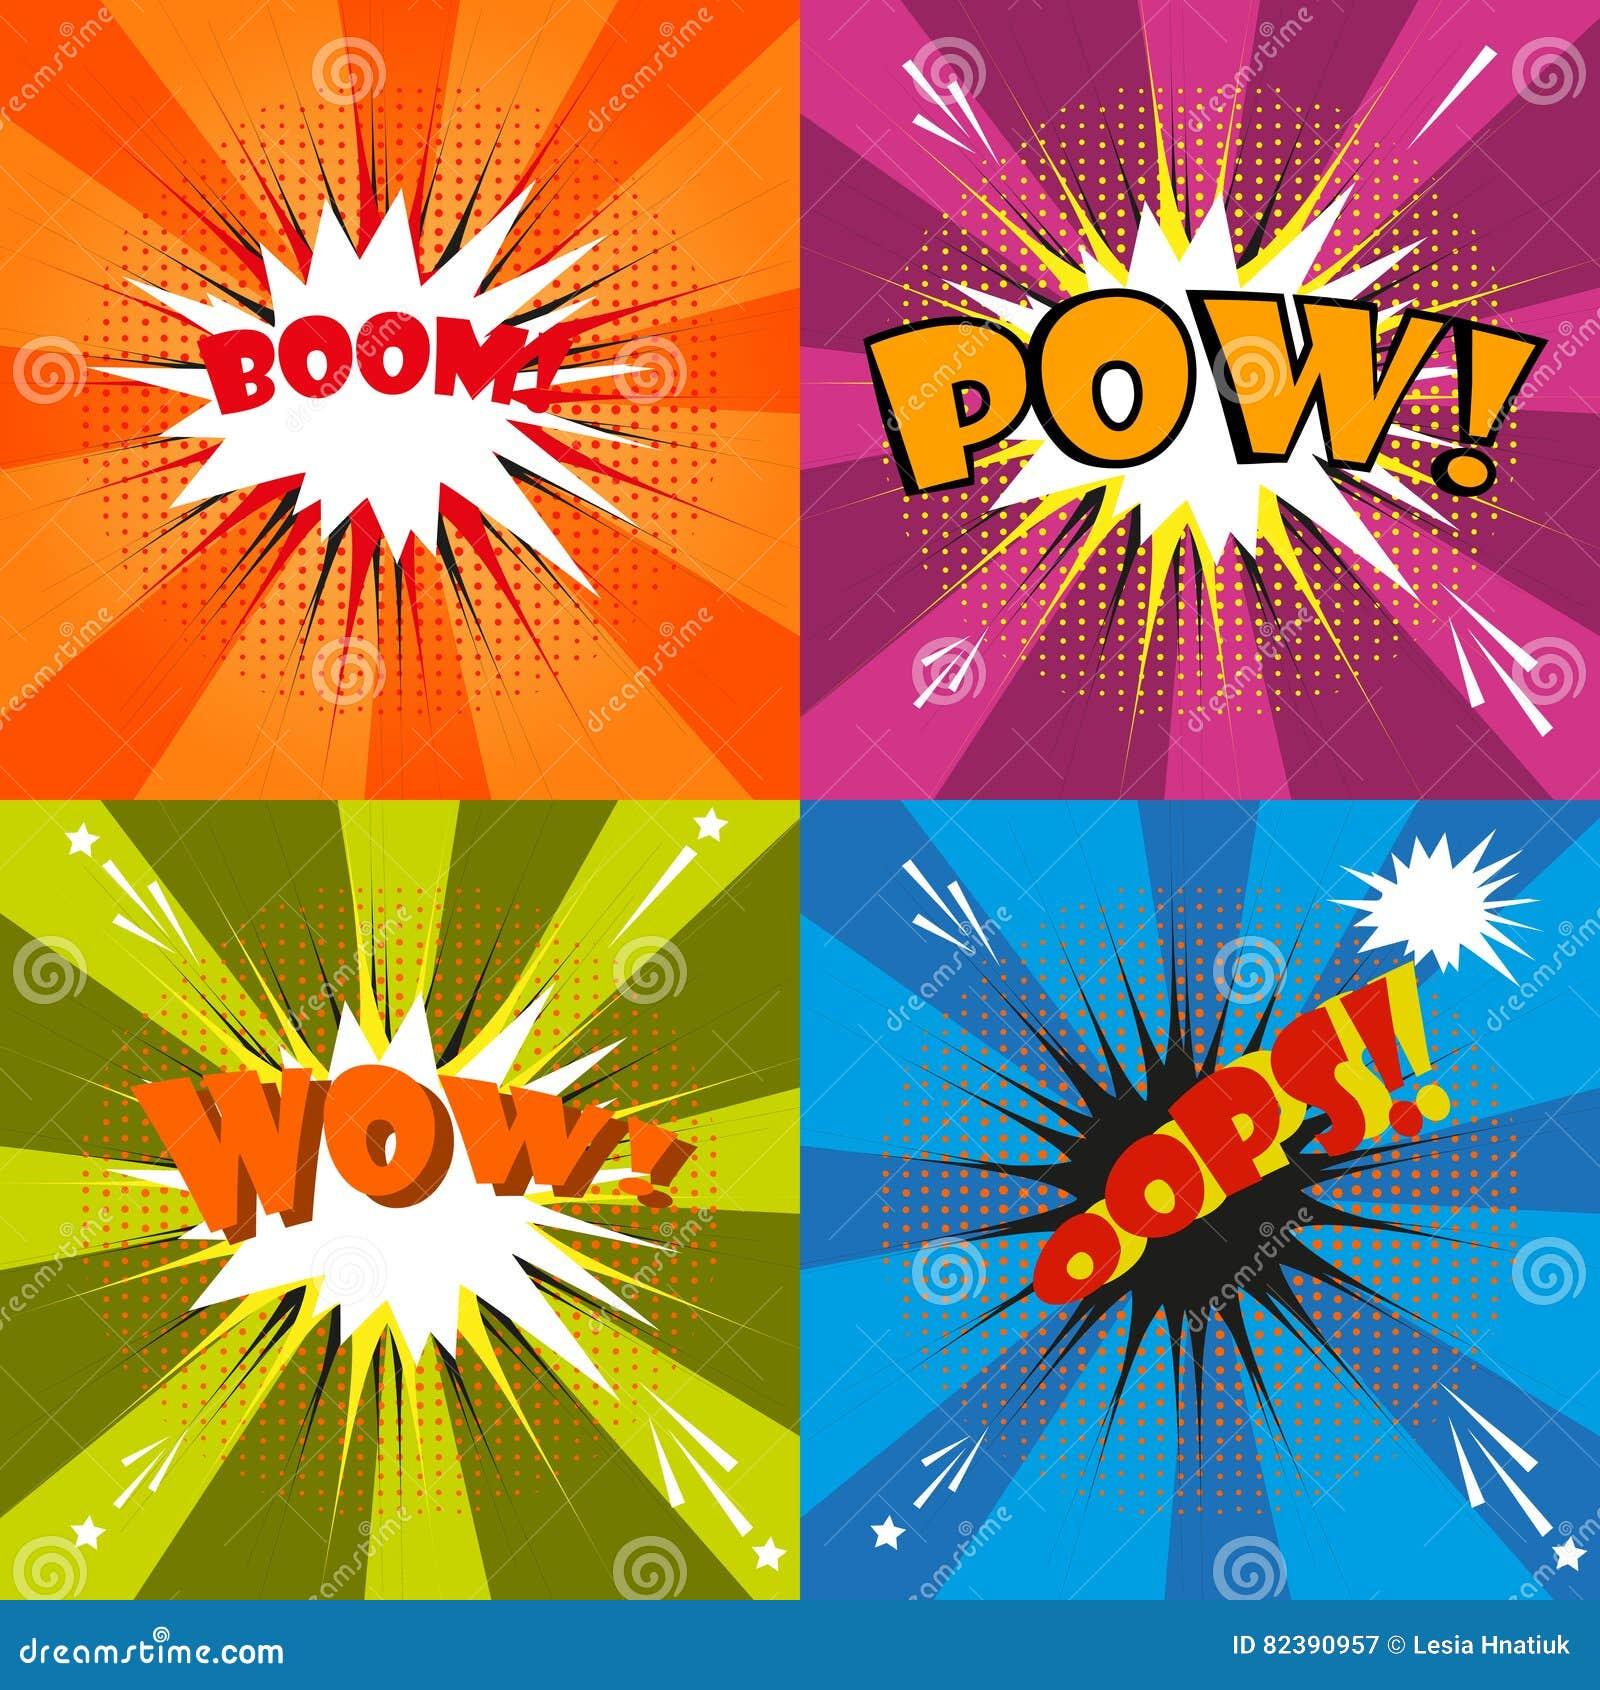 Comic Speech Bubble Cartoon  Stock Vector - Illustration of